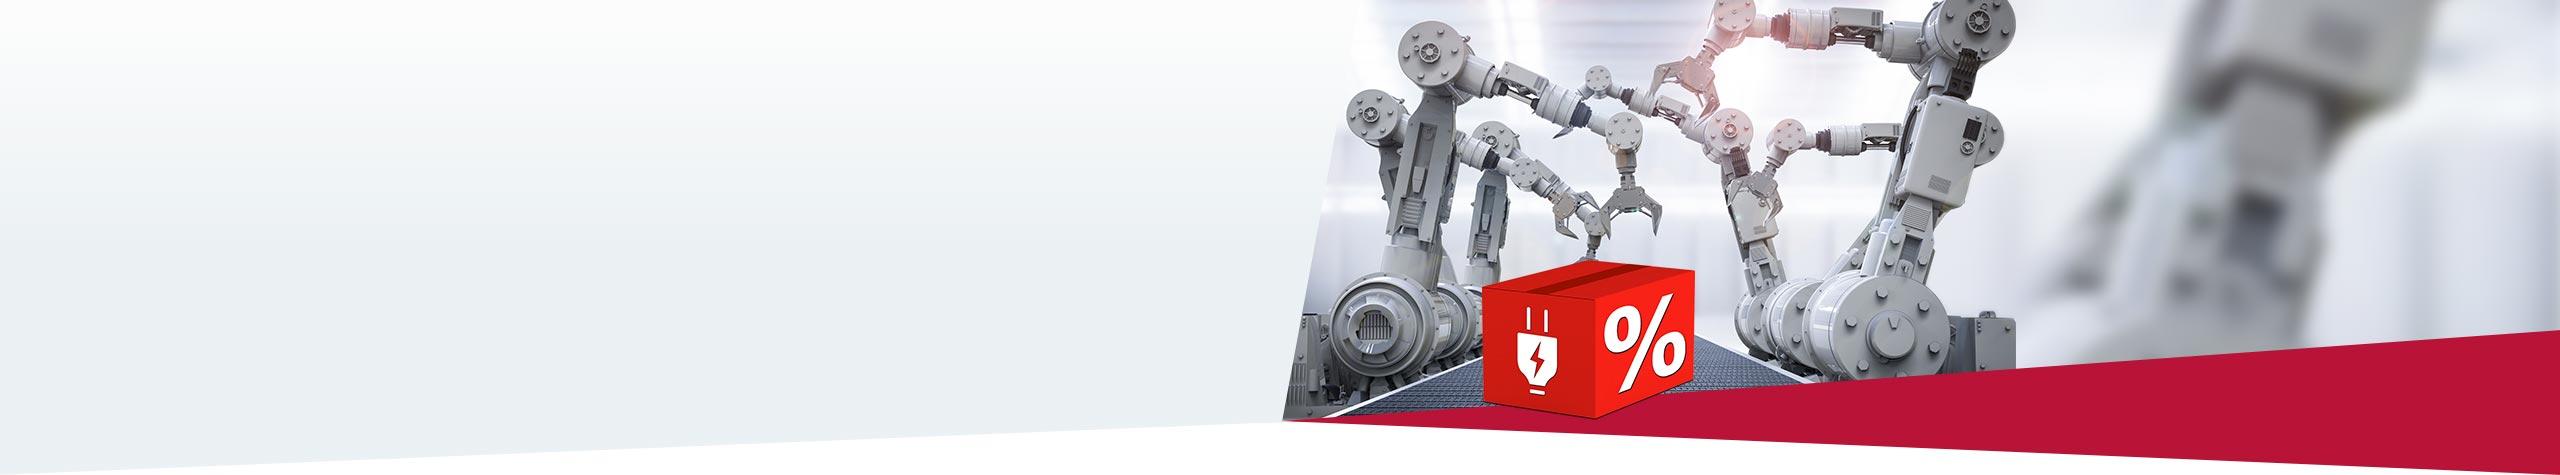 SmartStart Mechatronik MCAD- und ECAD-Entwicklung in einer Umgebung.